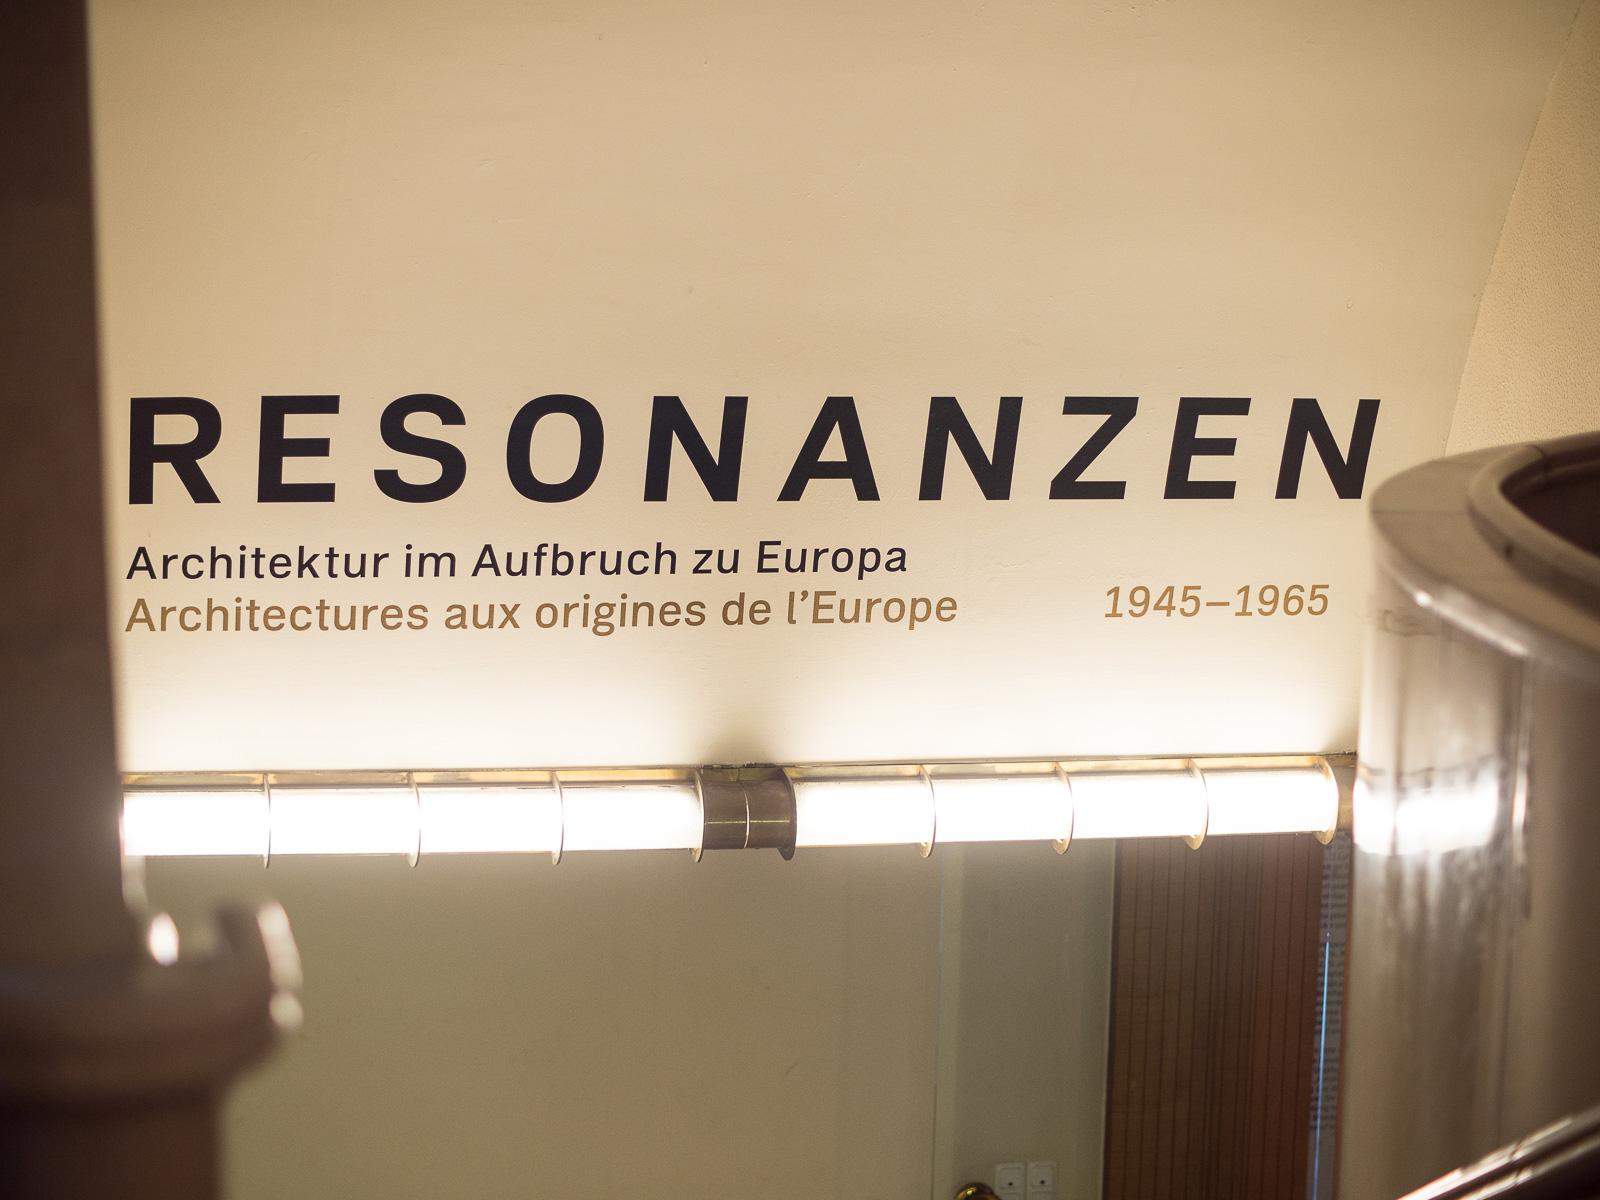 180928_MinBK_Resonanzen-Ausstellung-227_web